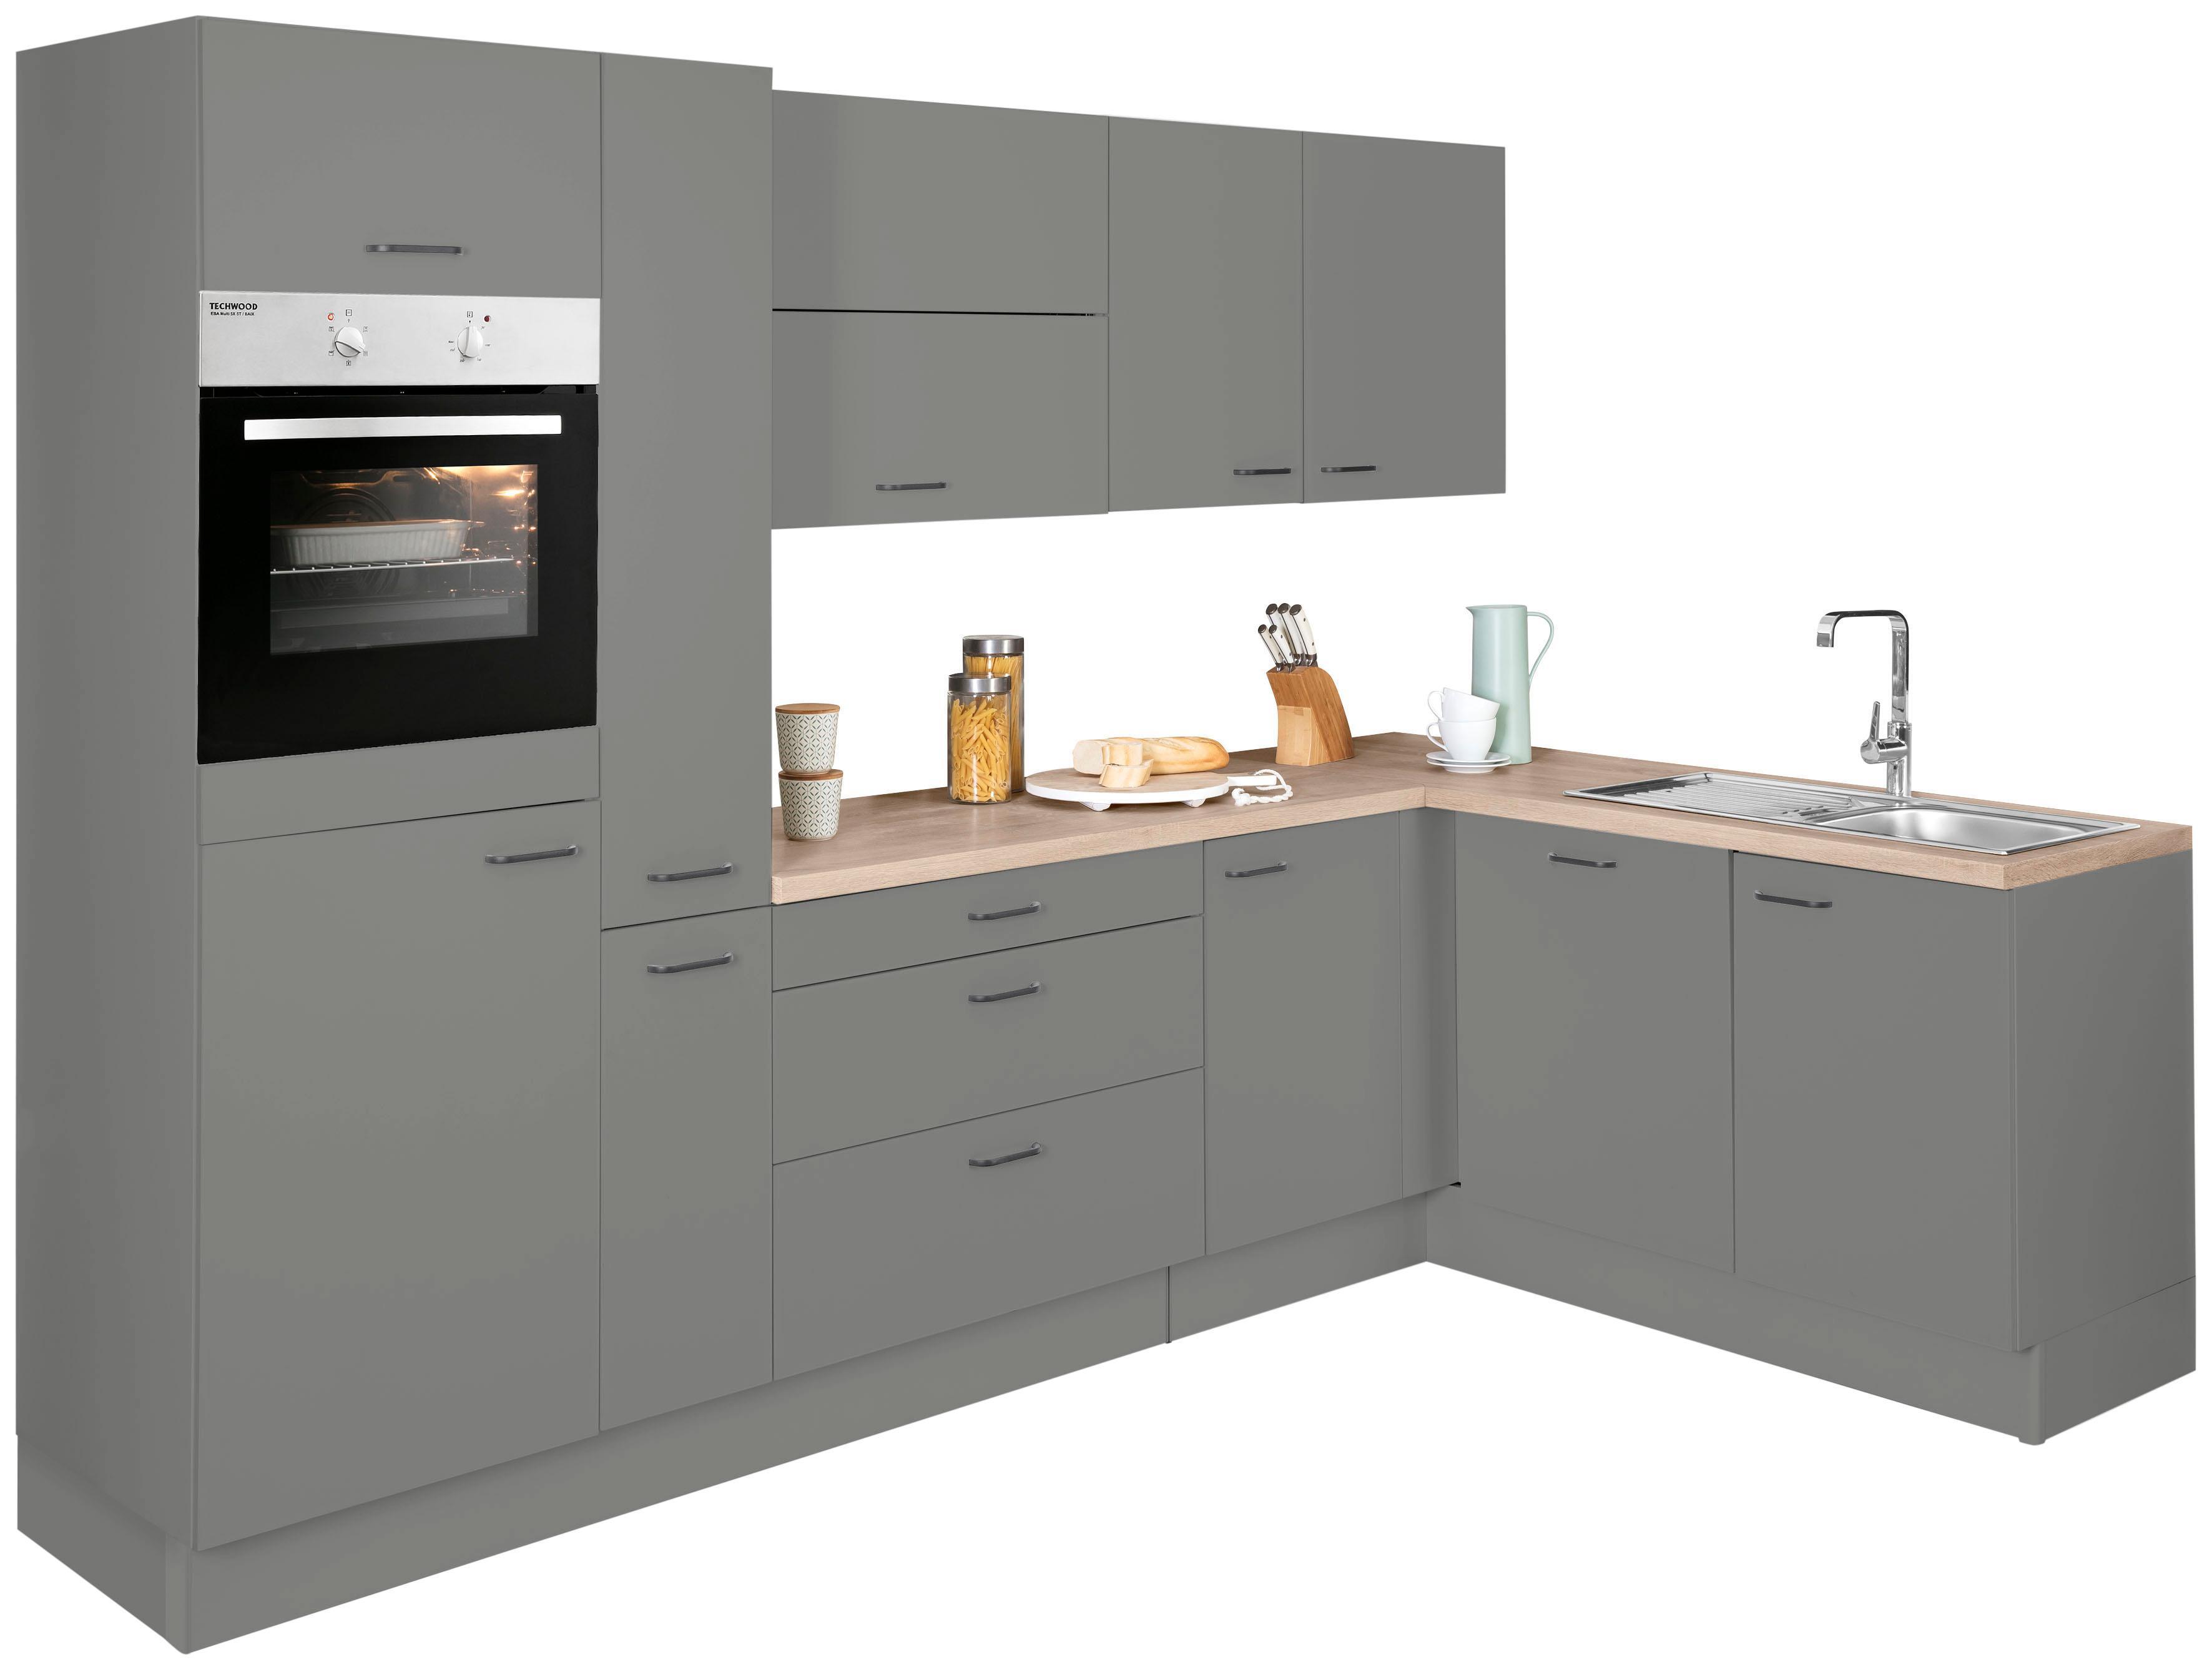 OPTIFIT Winkelküche »Elga« | Küche und Esszimmer > Küchen > Winkelküchen | Grau | OPTIFIT